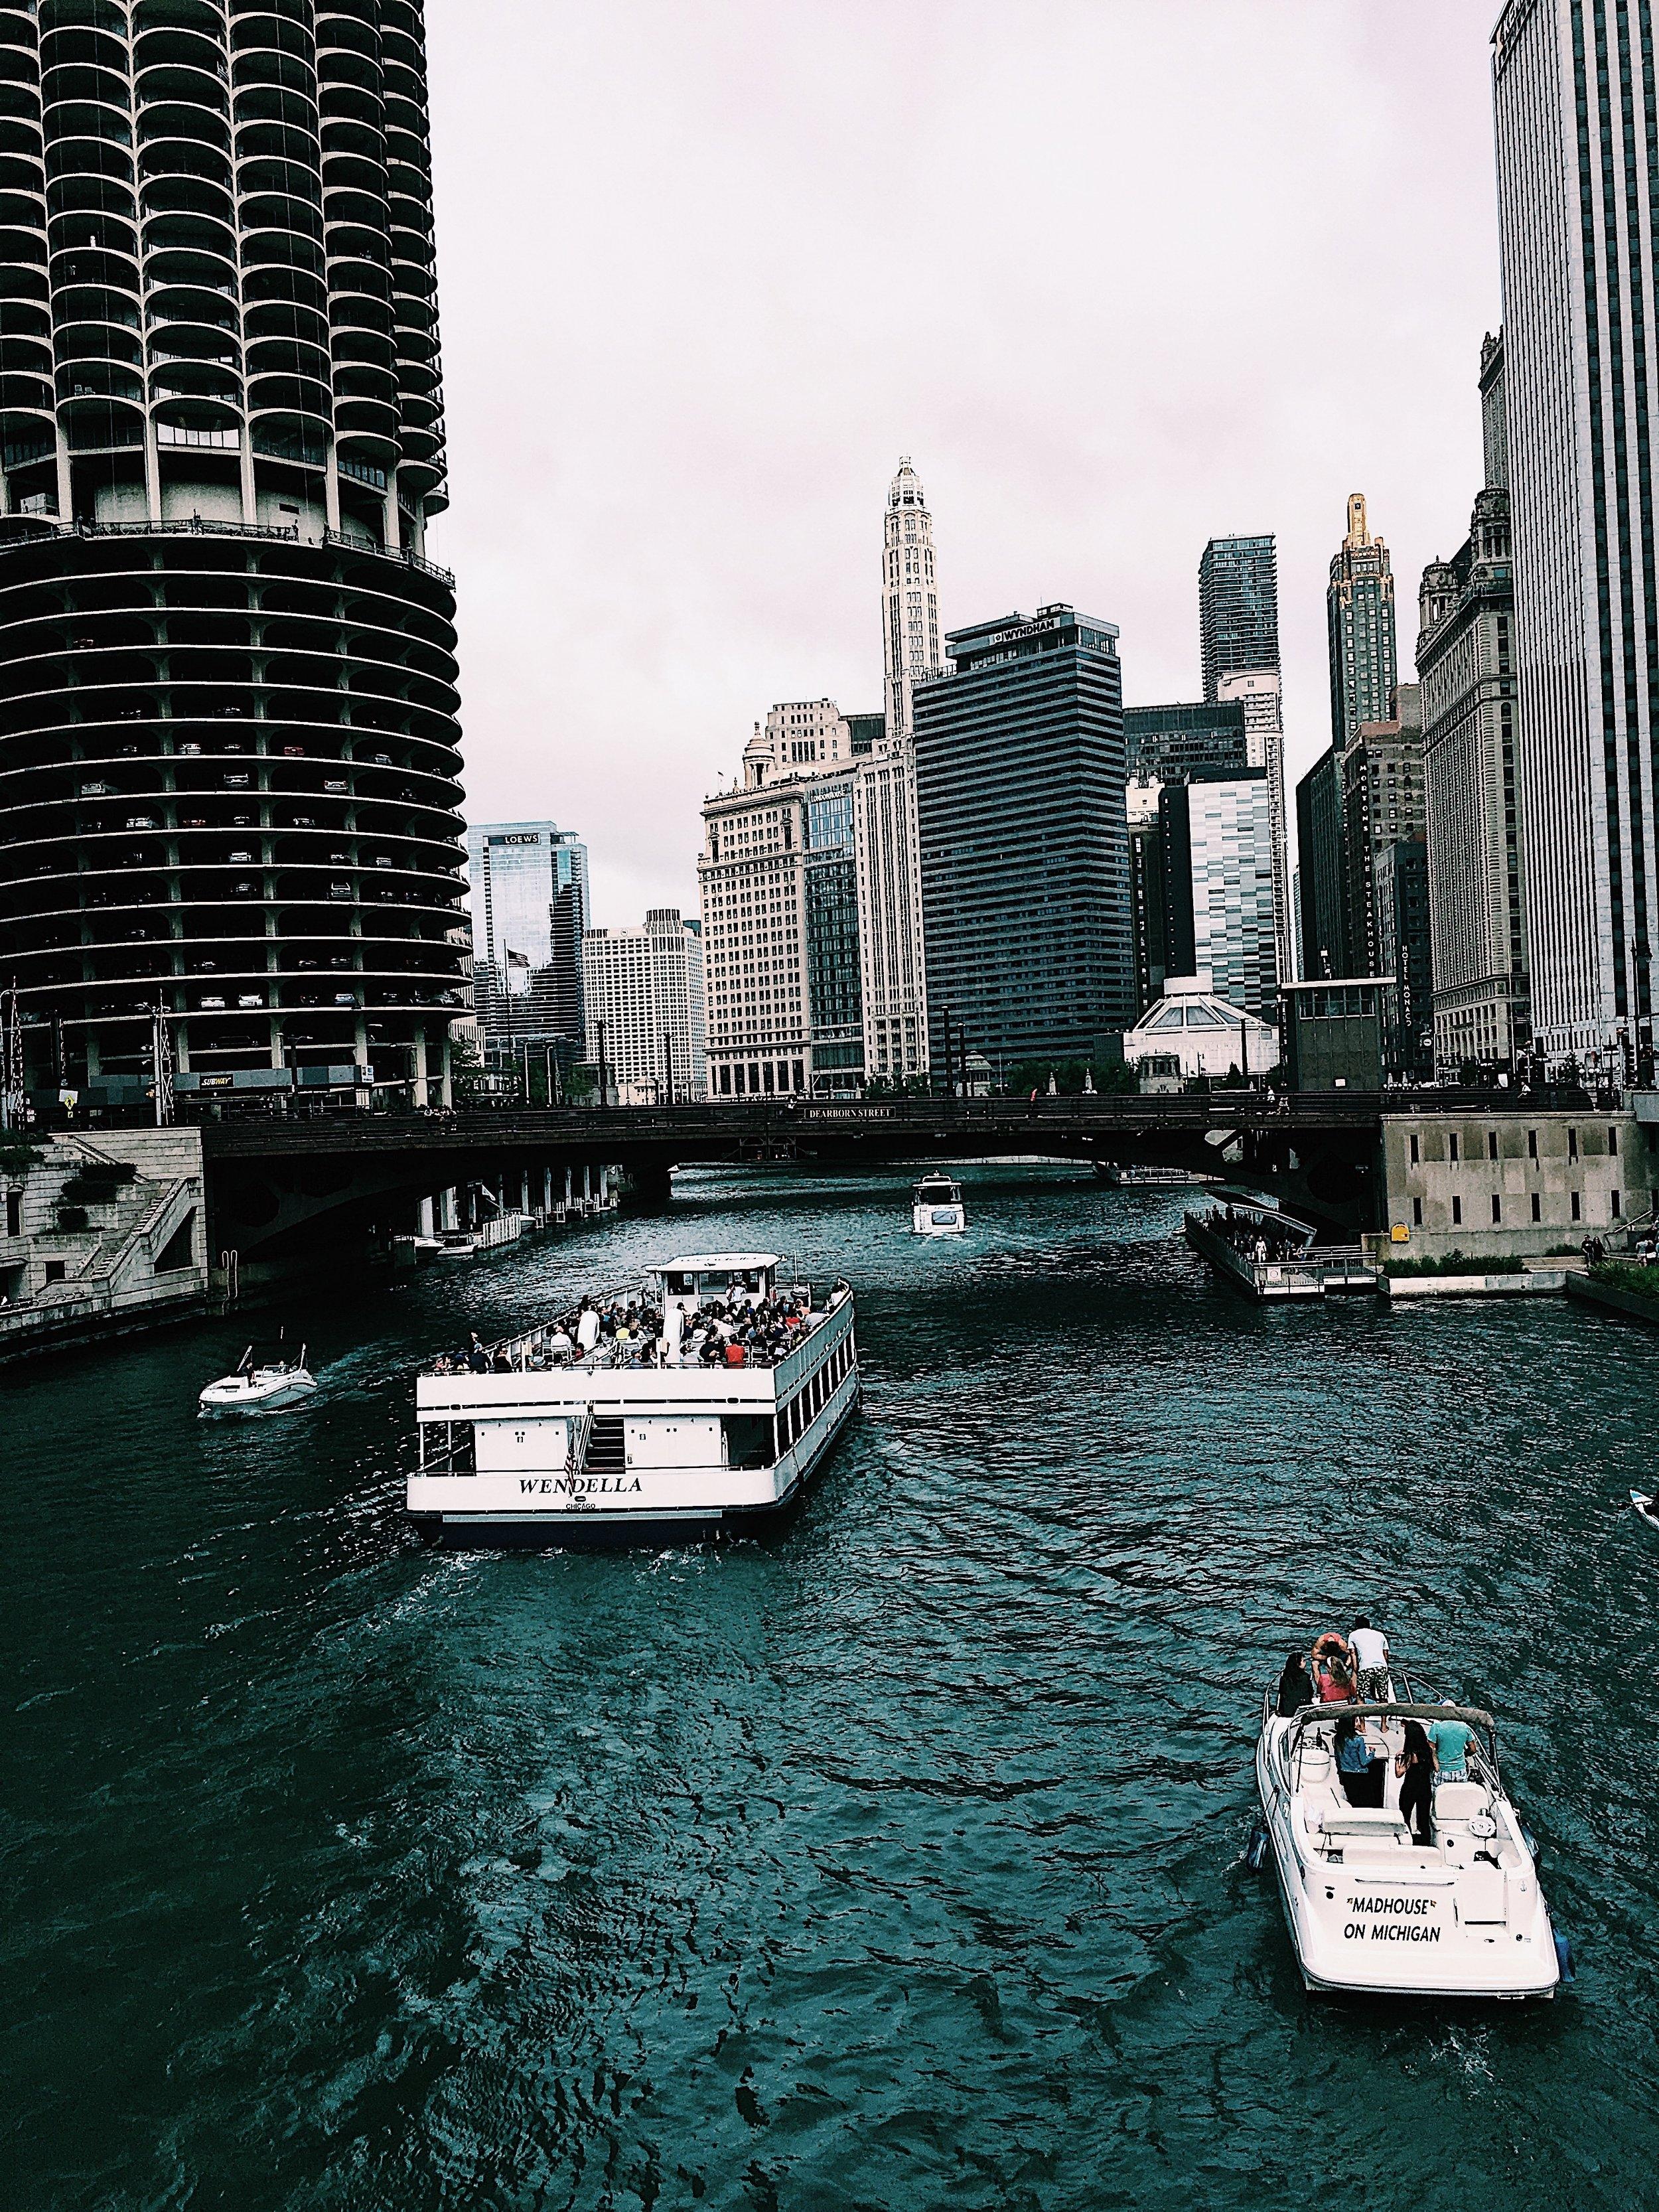 Chicago River | Chicago, IL |Riverwalk